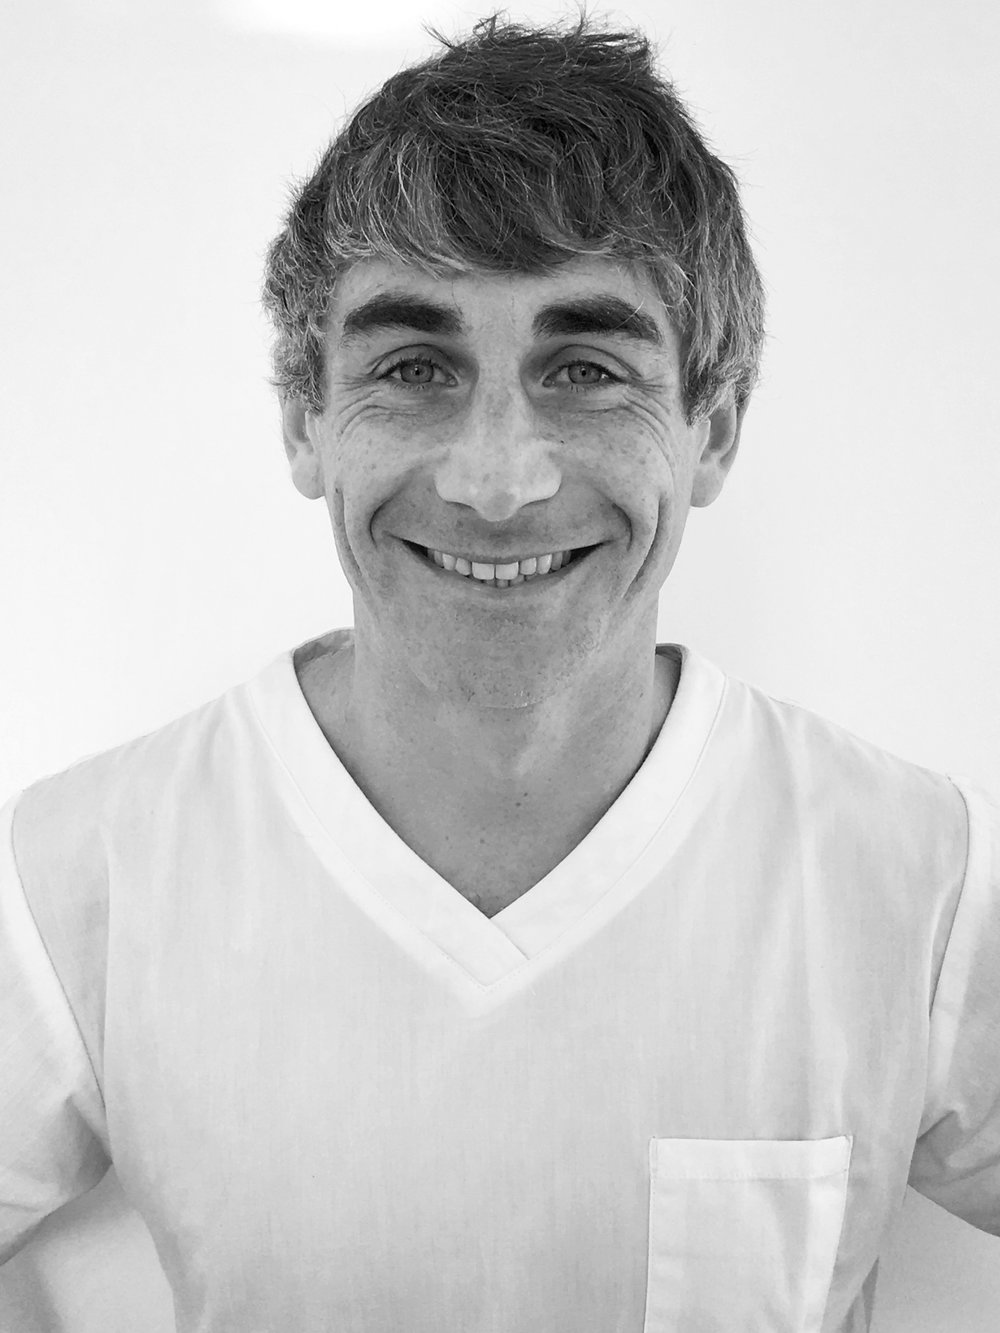 Joe Dale Sports Massage Fix London